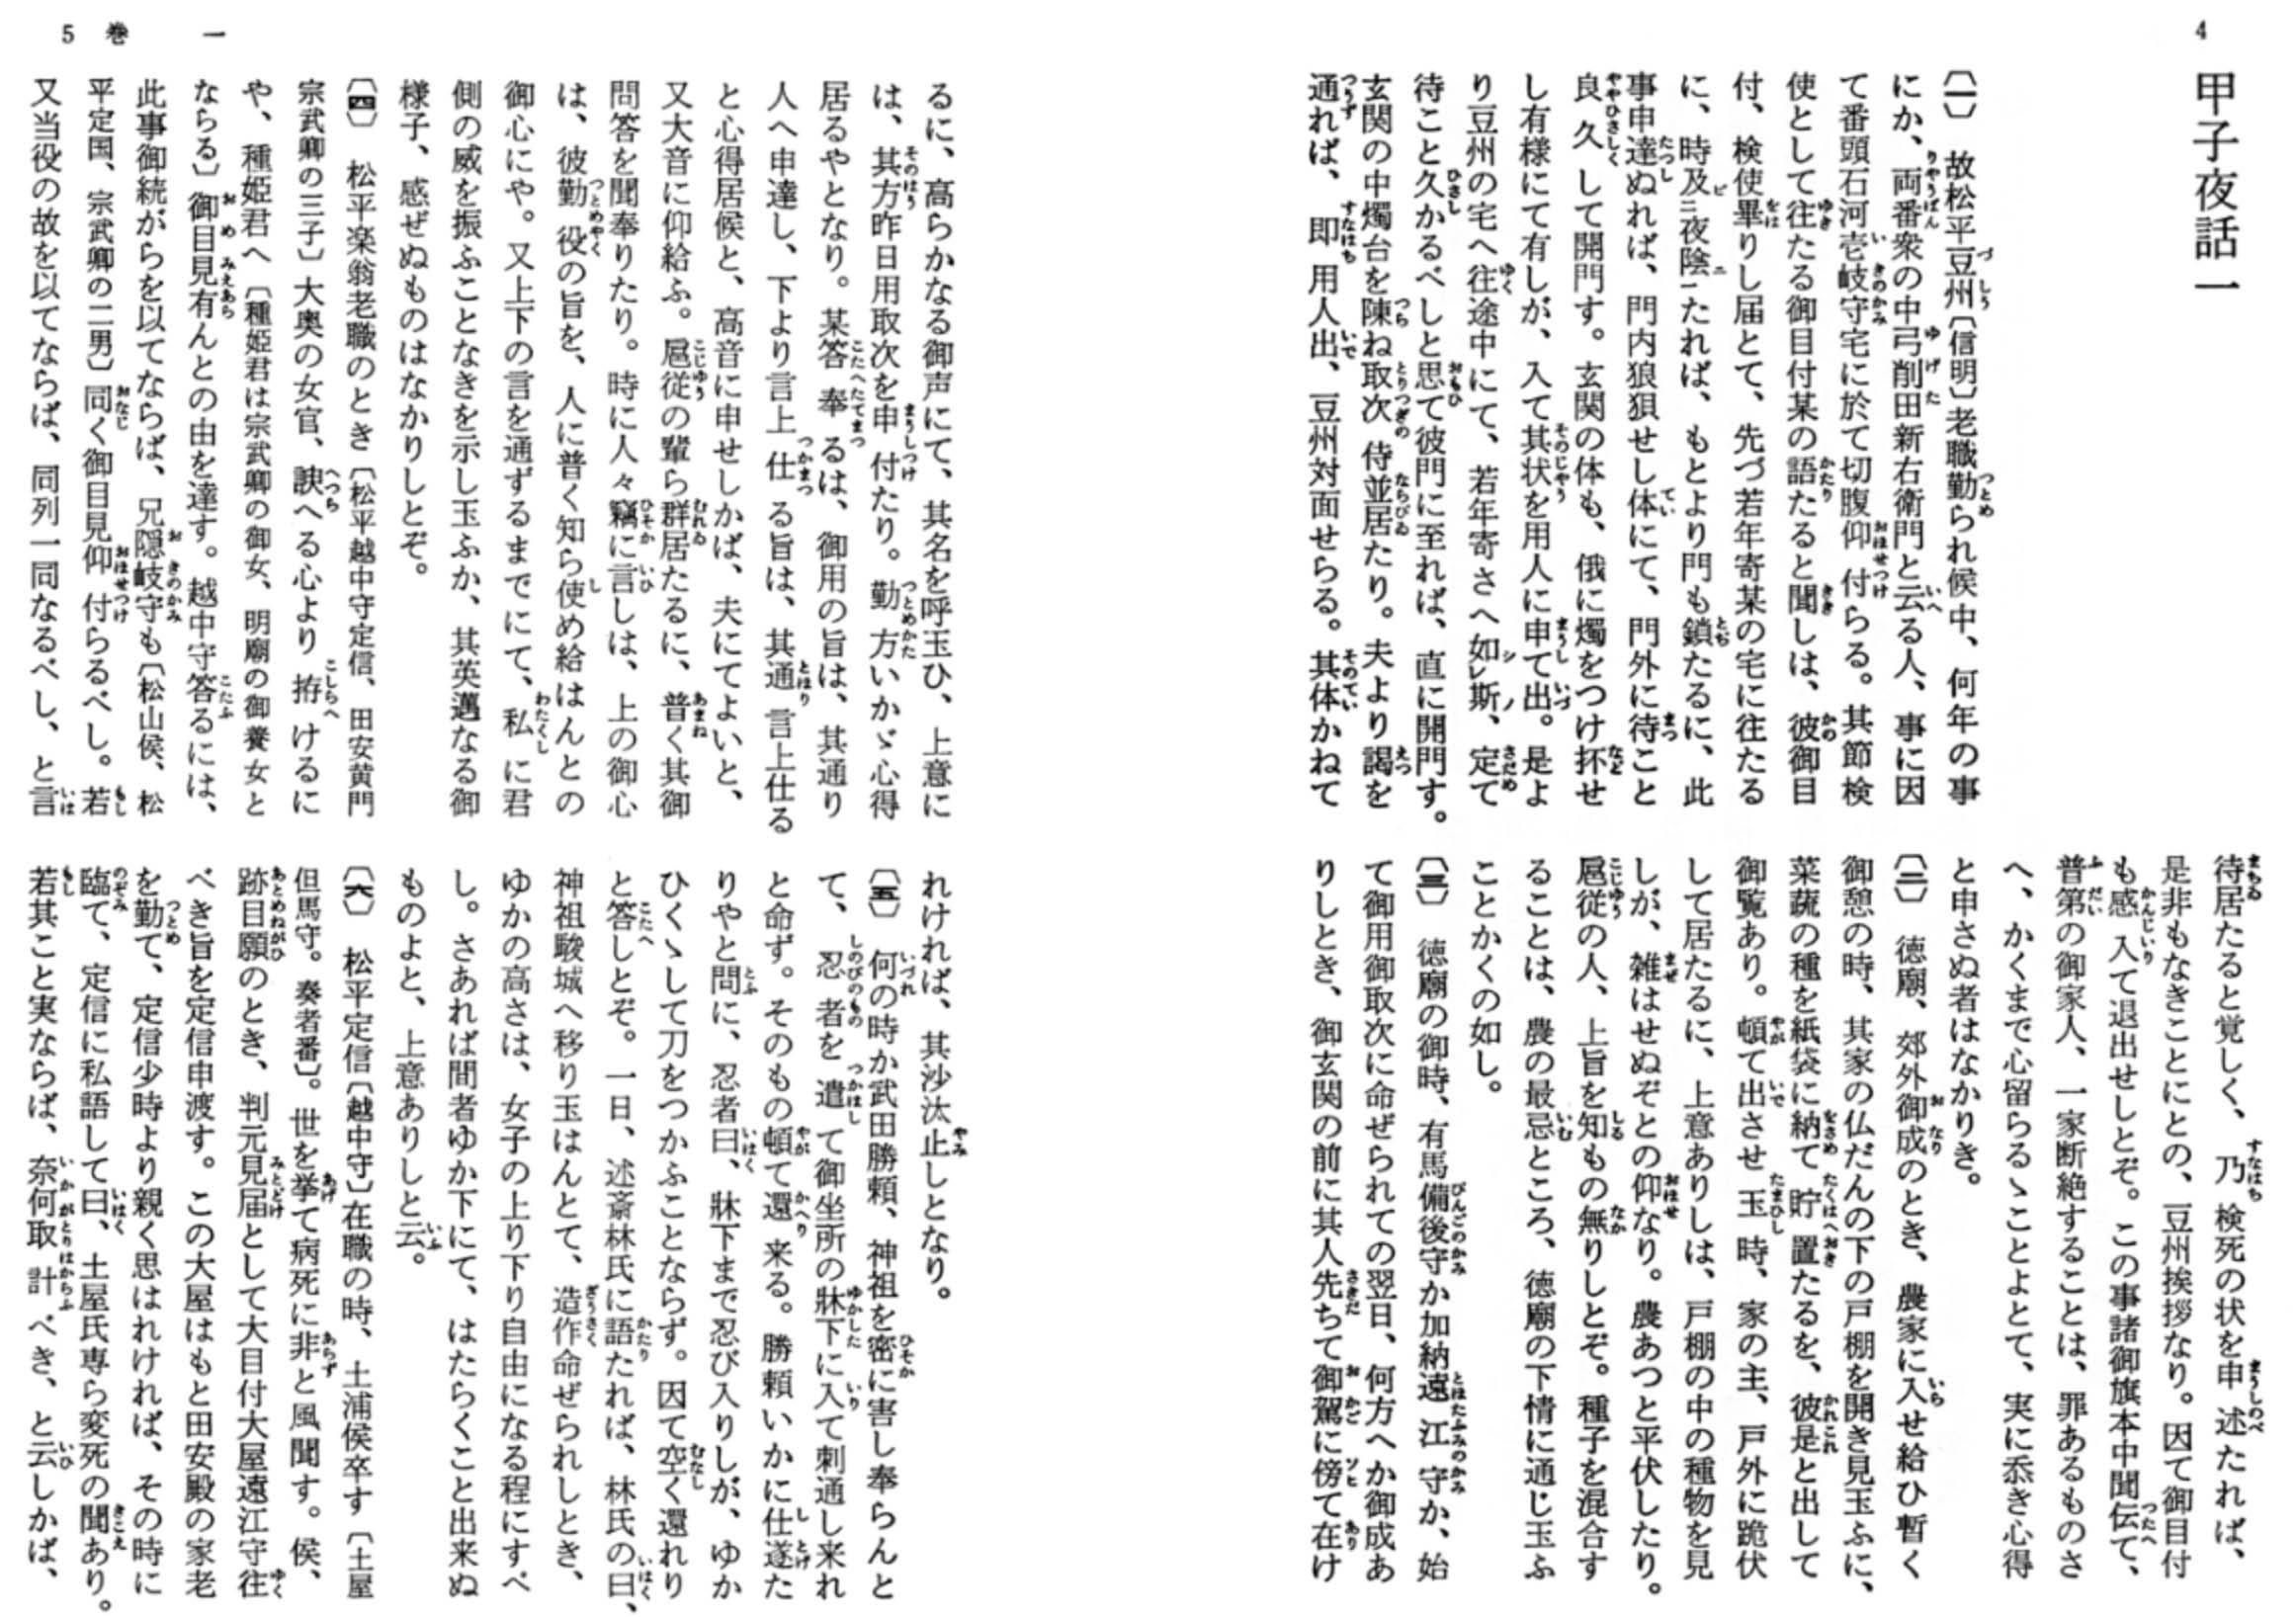 甲子夜話 1